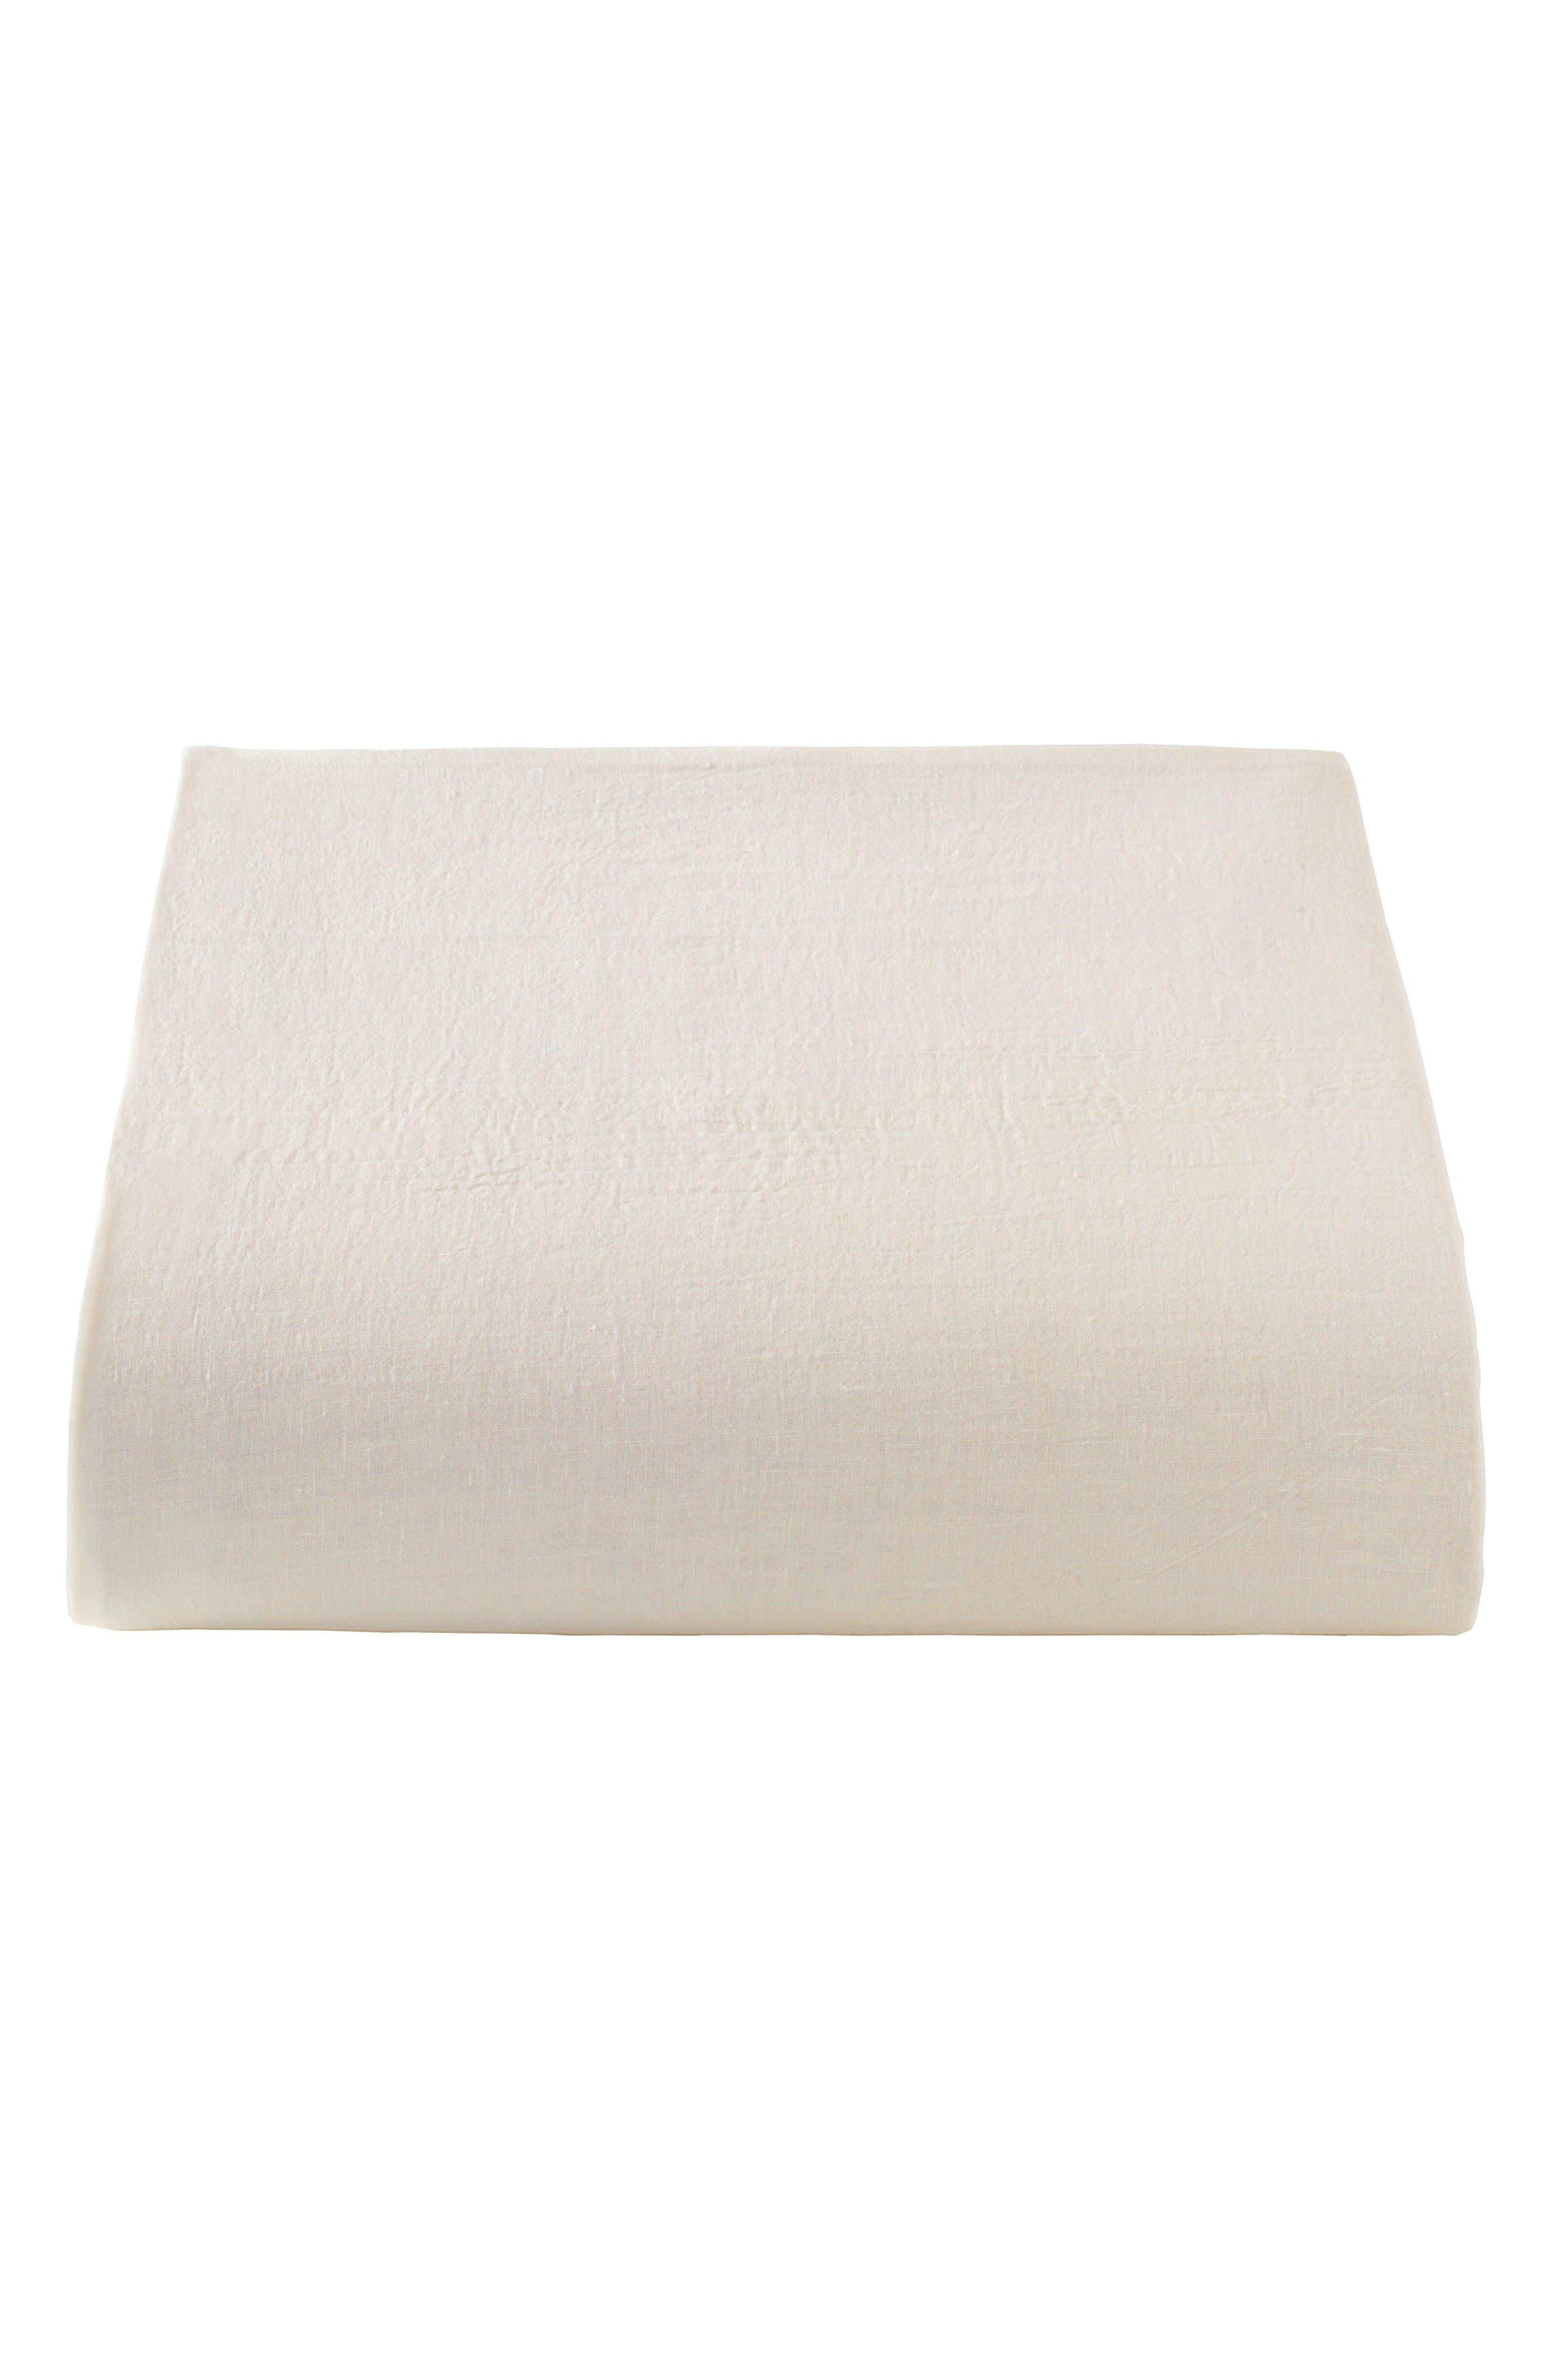 Lino Linen Duvet Cover,                             Alternate thumbnail 2, color,                             Linen